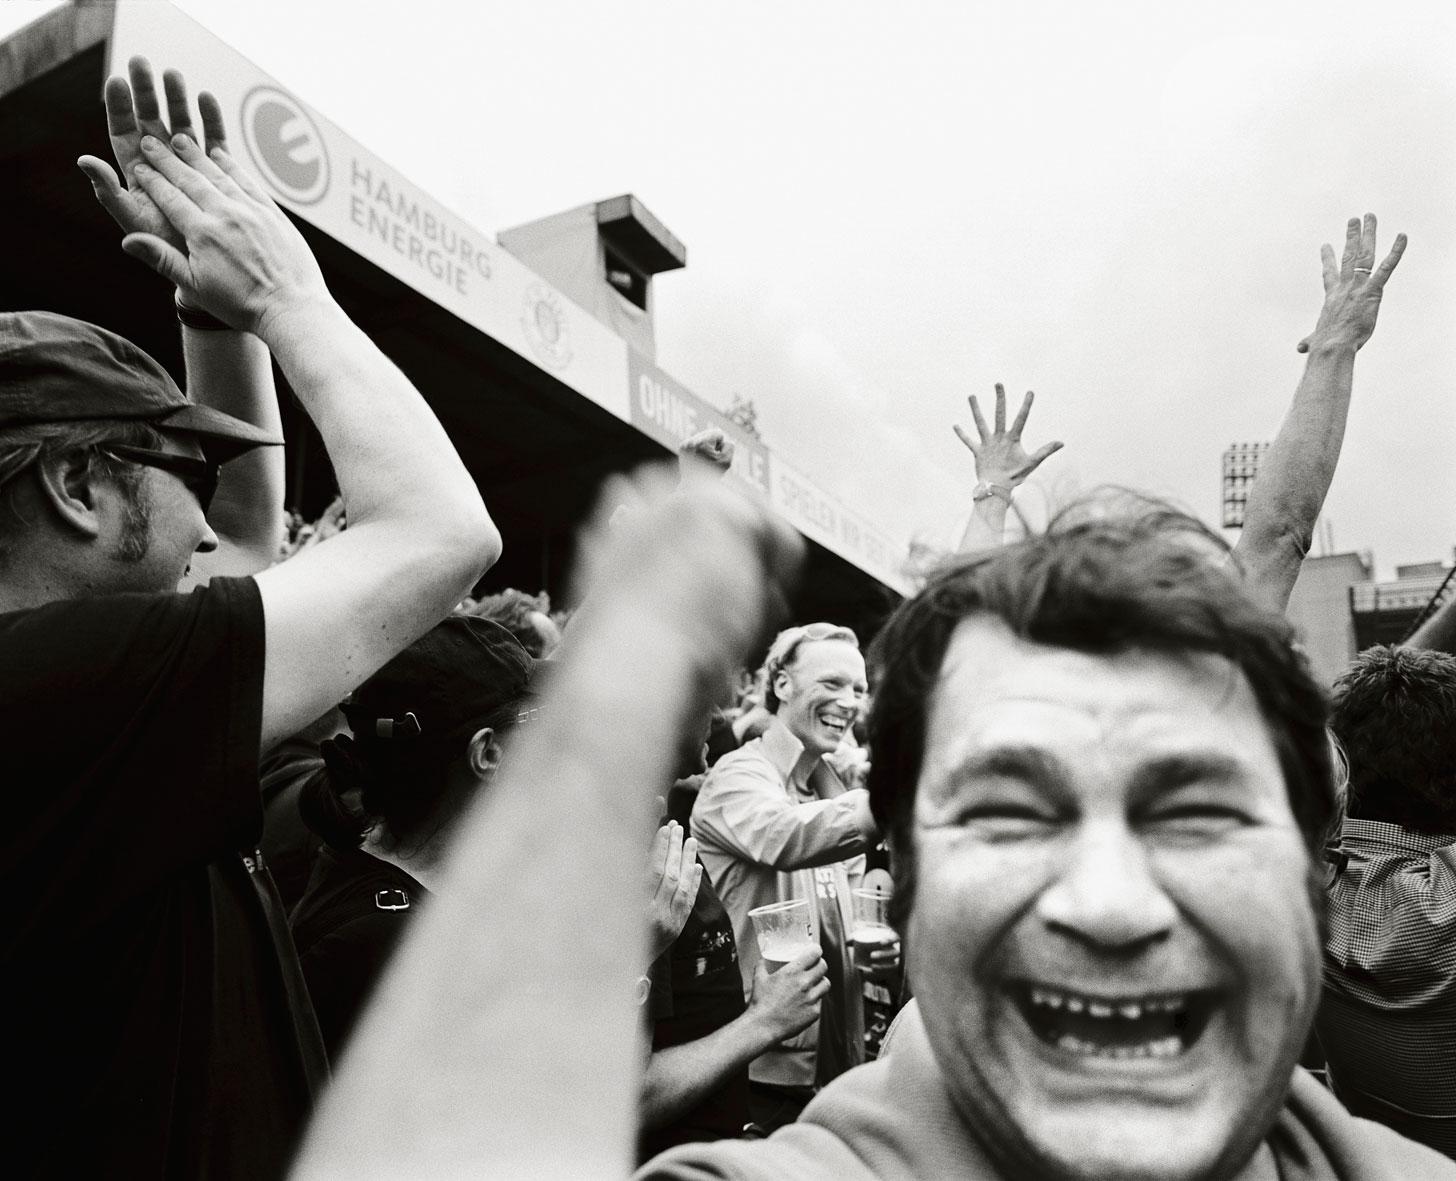 Fanjubel auf der Gegengerade im alten Millerntor-Stadion, 2011. Foto: Olaf Tamm